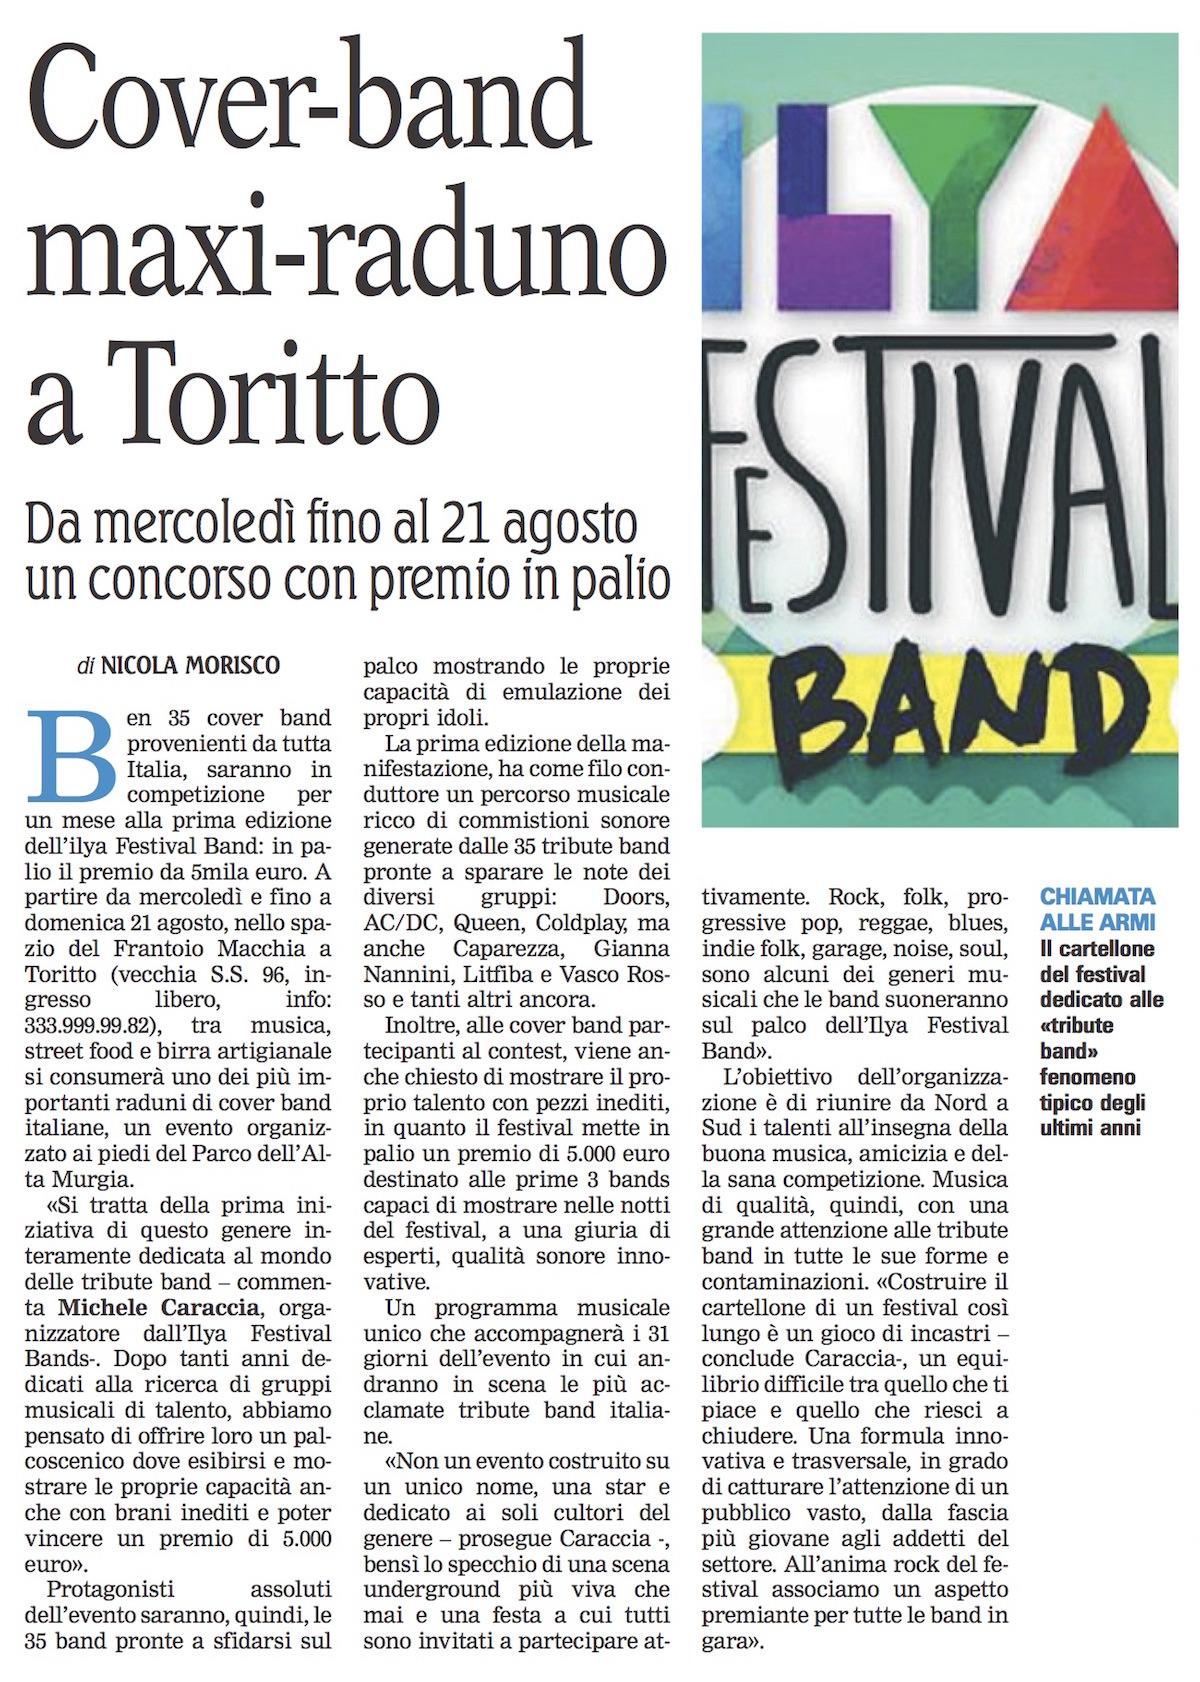 music-festival-band-articolo-giornale